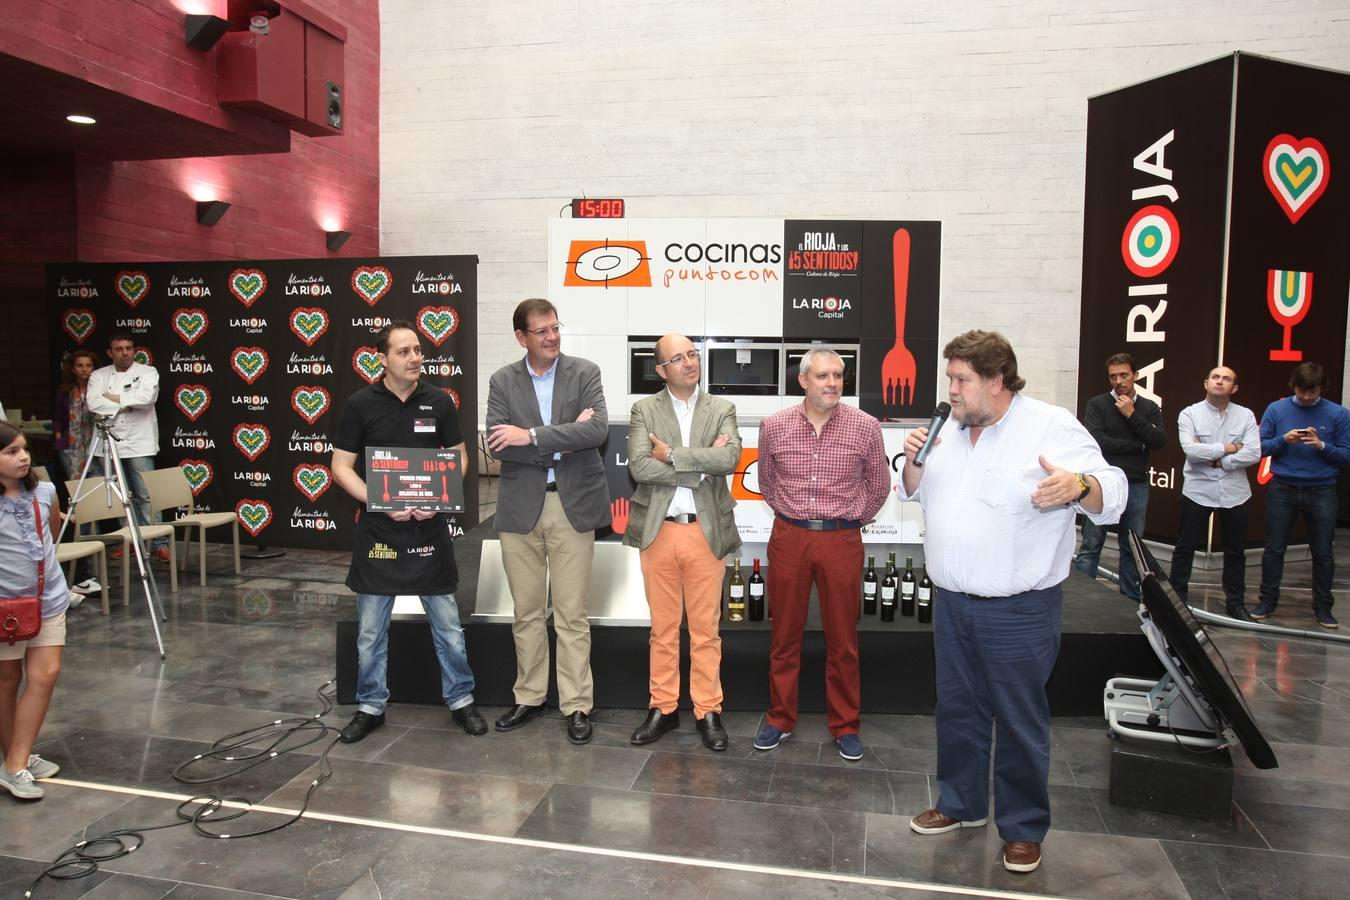 El Concurso de Tapas de La Rioja entrega sus premios